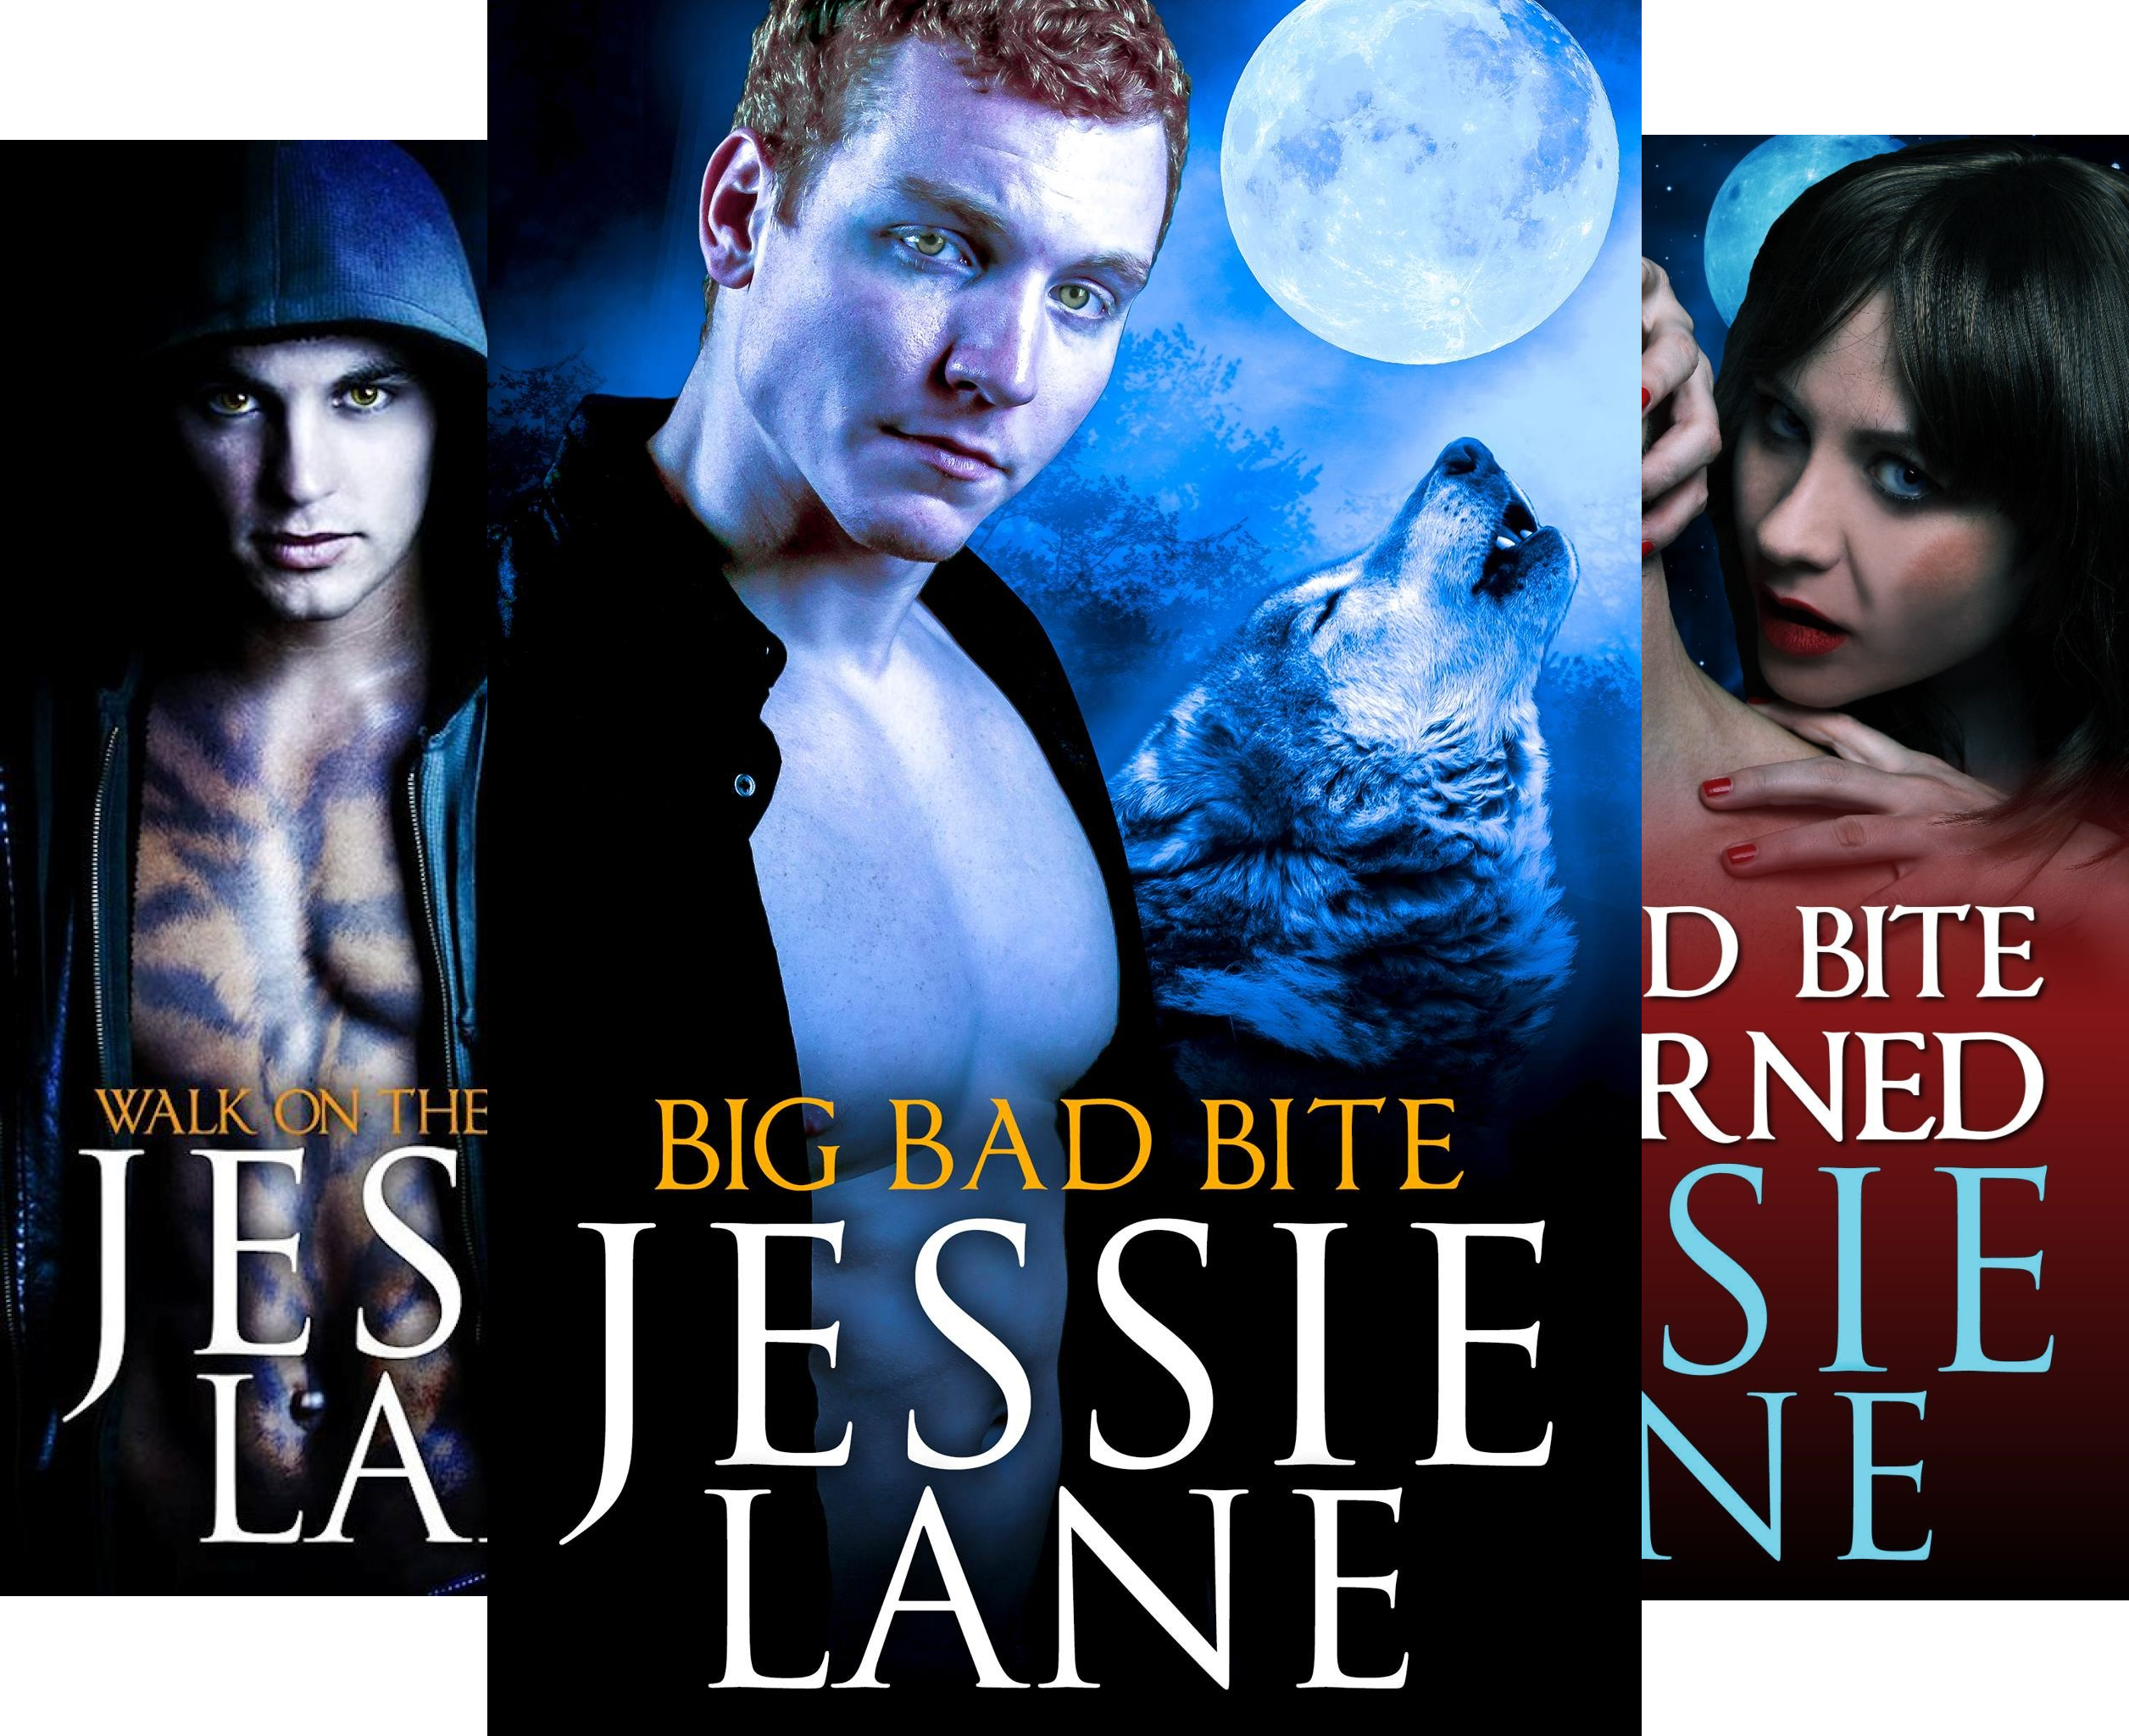 Big Bad Bite Series (3 Book Series)